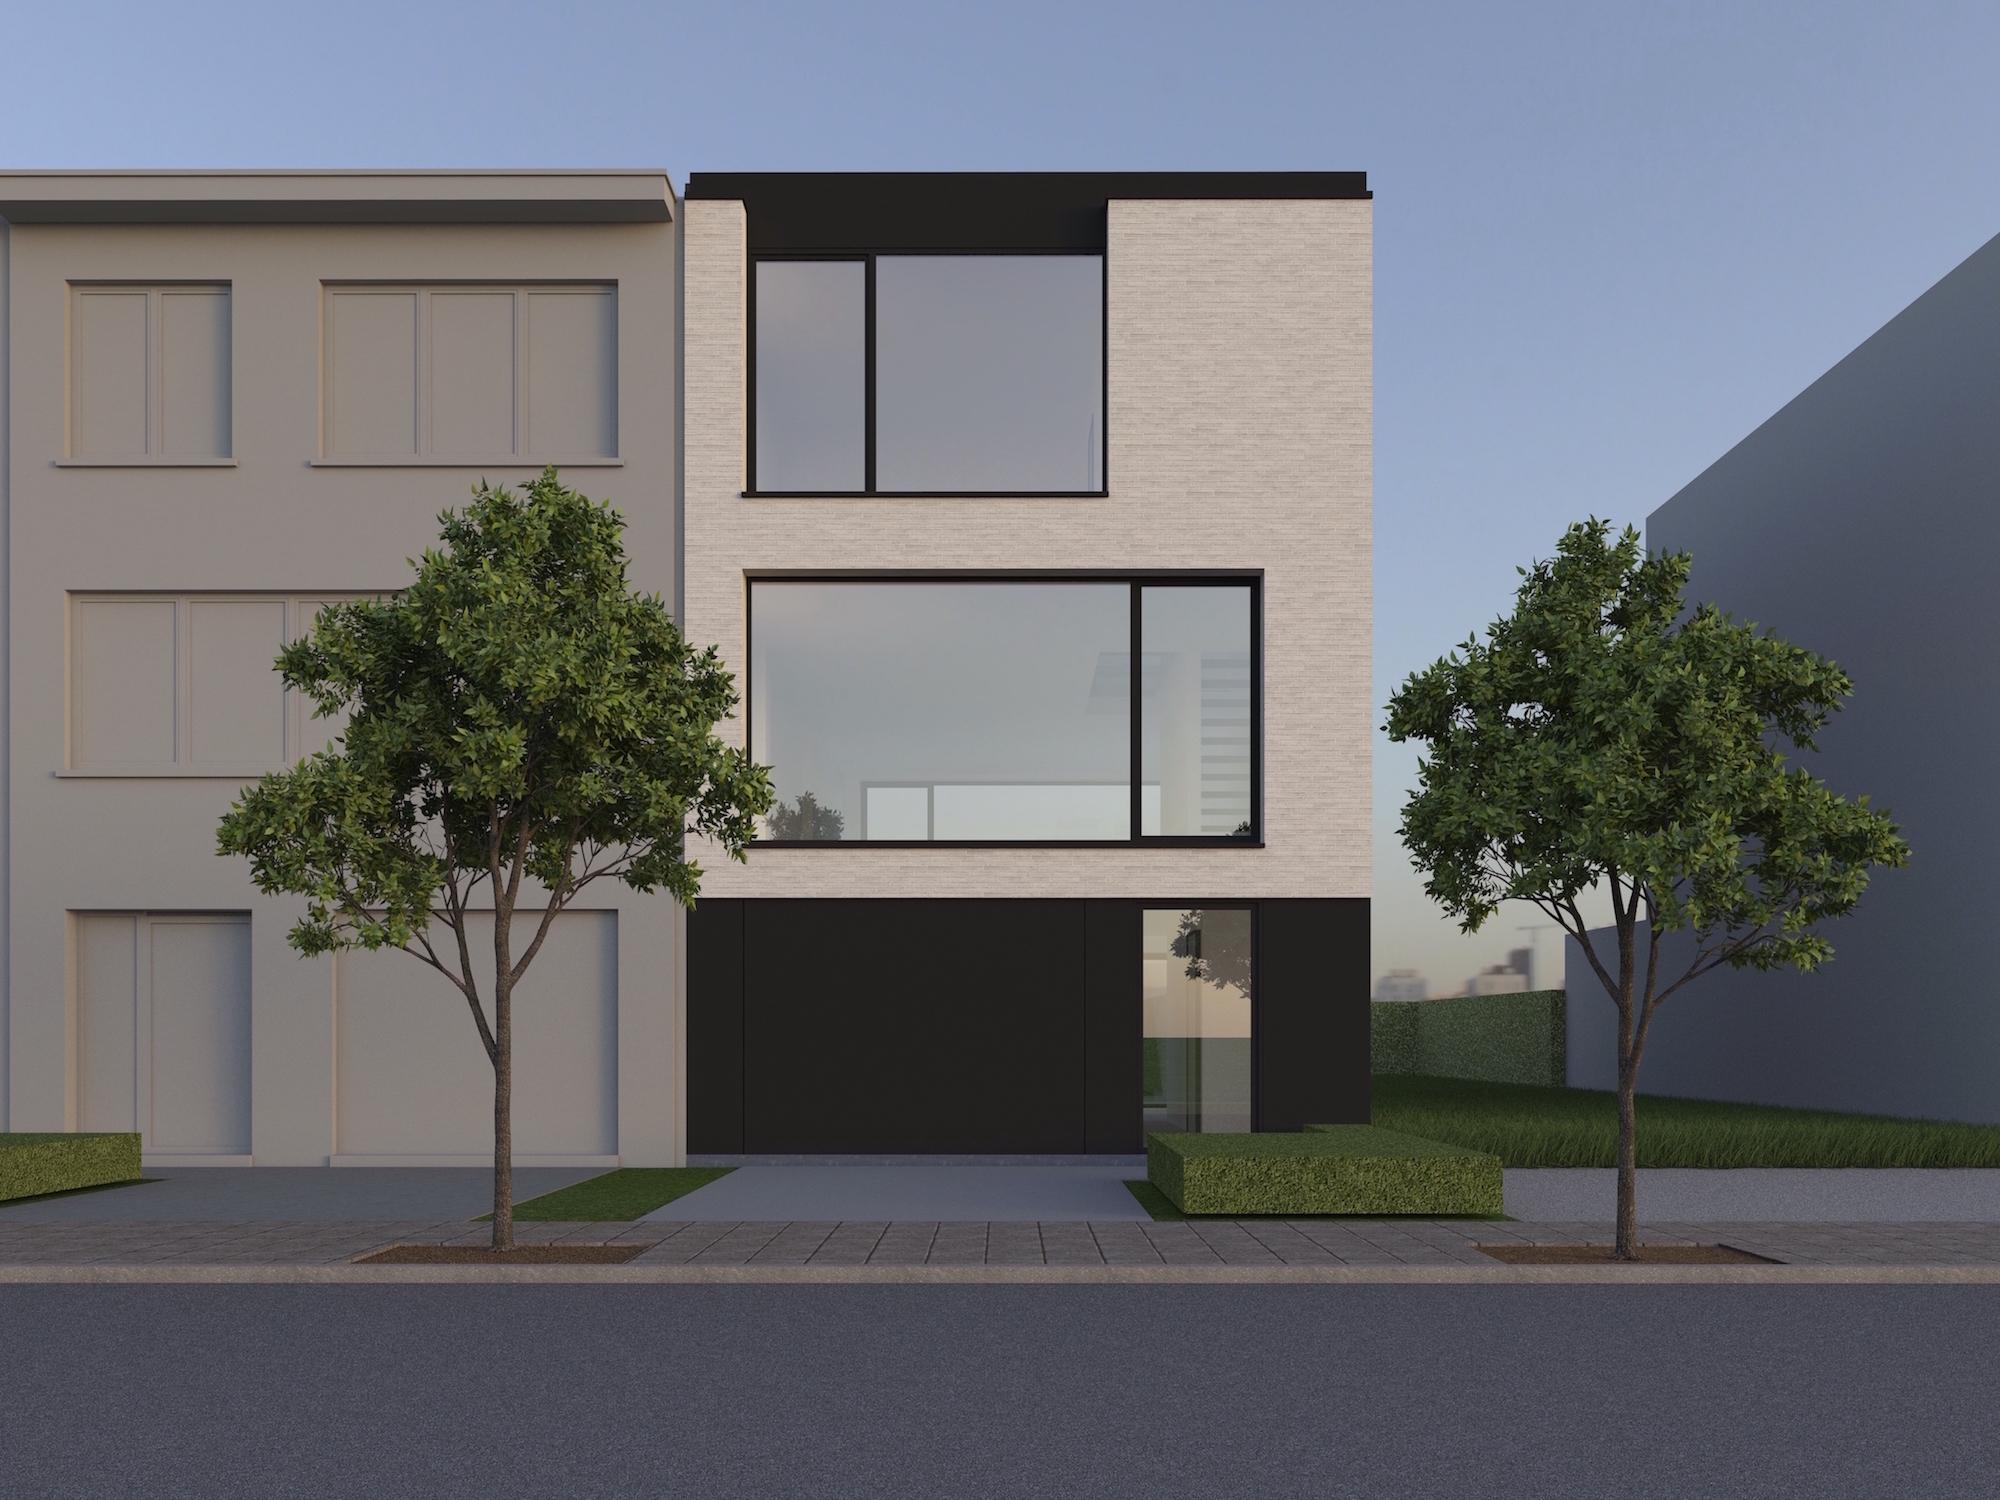 Project Kerkeland - Ketswoningbouw